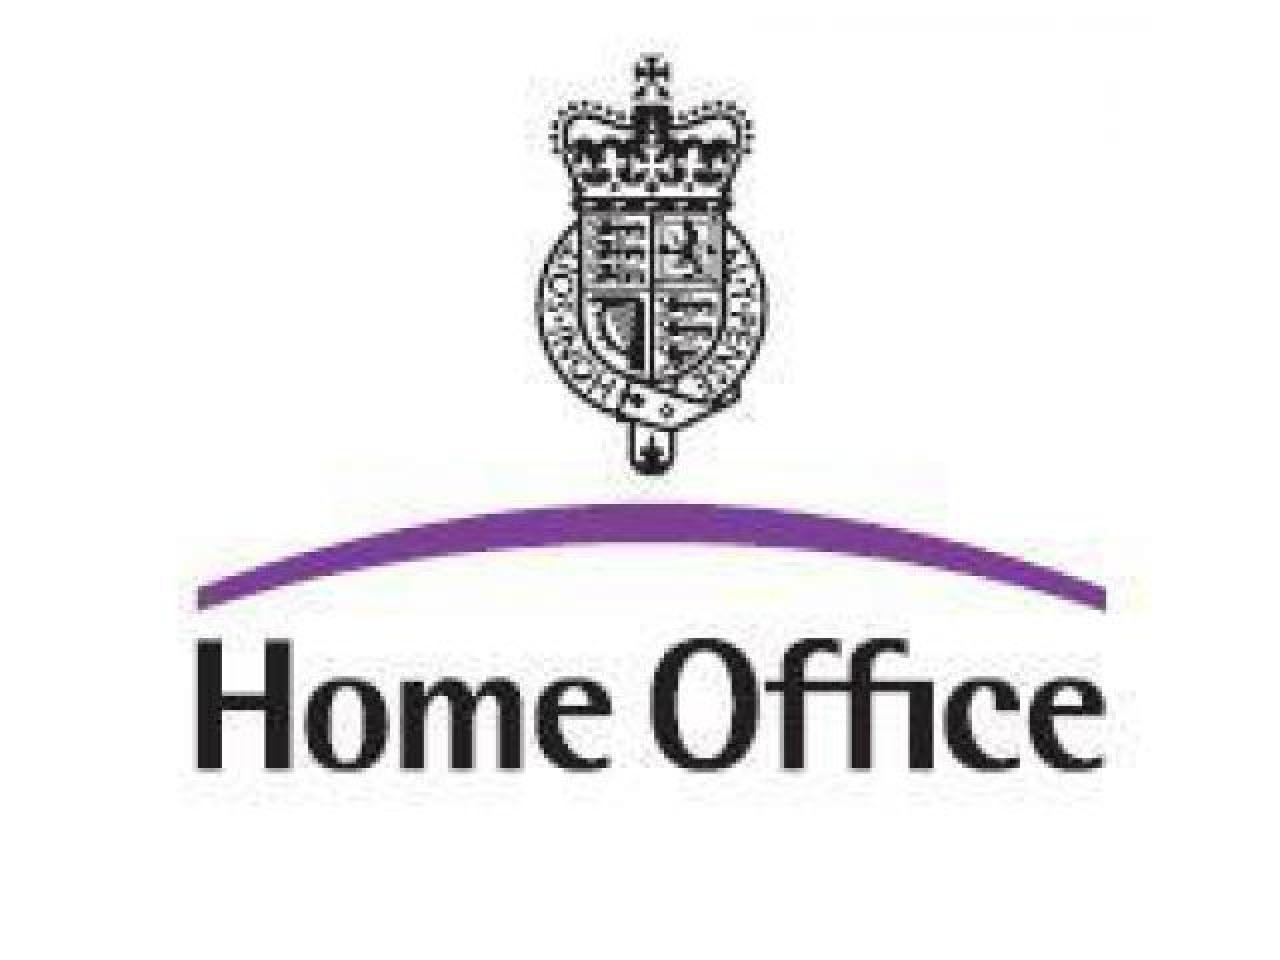 Иммиграционный сервис, визы, статус резидента для граждан ЕС, гражданство UK - 3